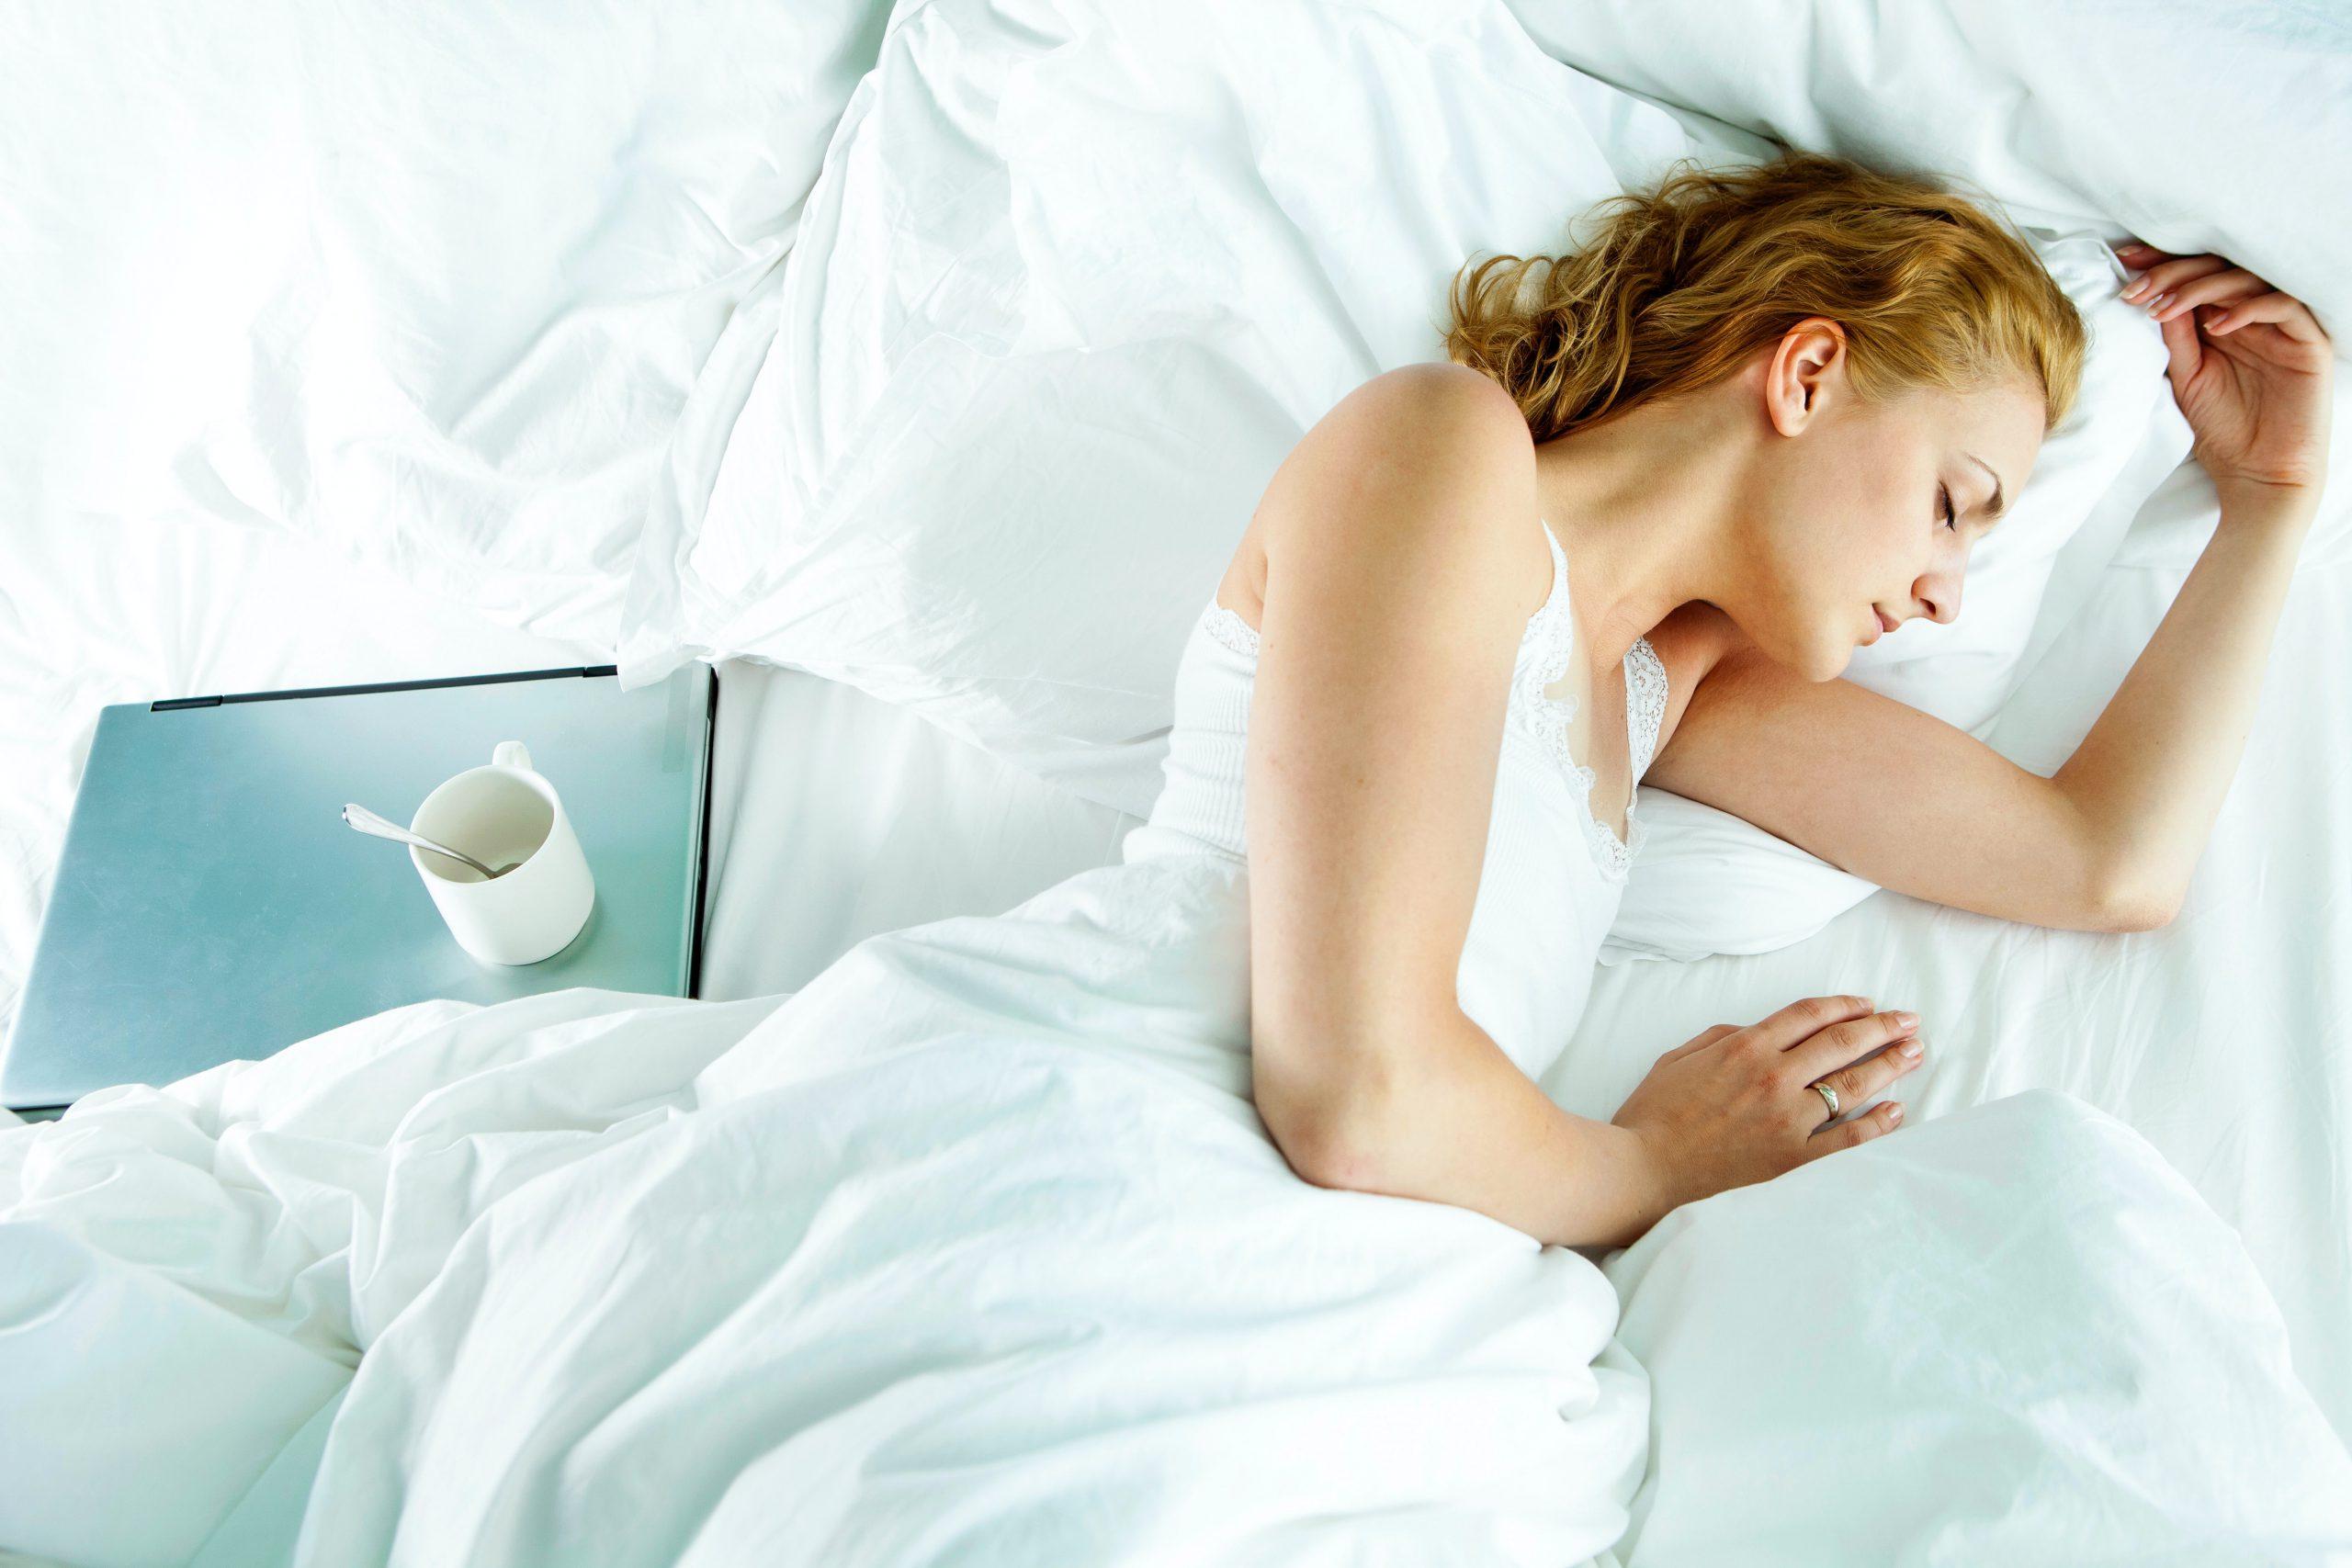 Фал старт на работния ден: Проблемът с успиването